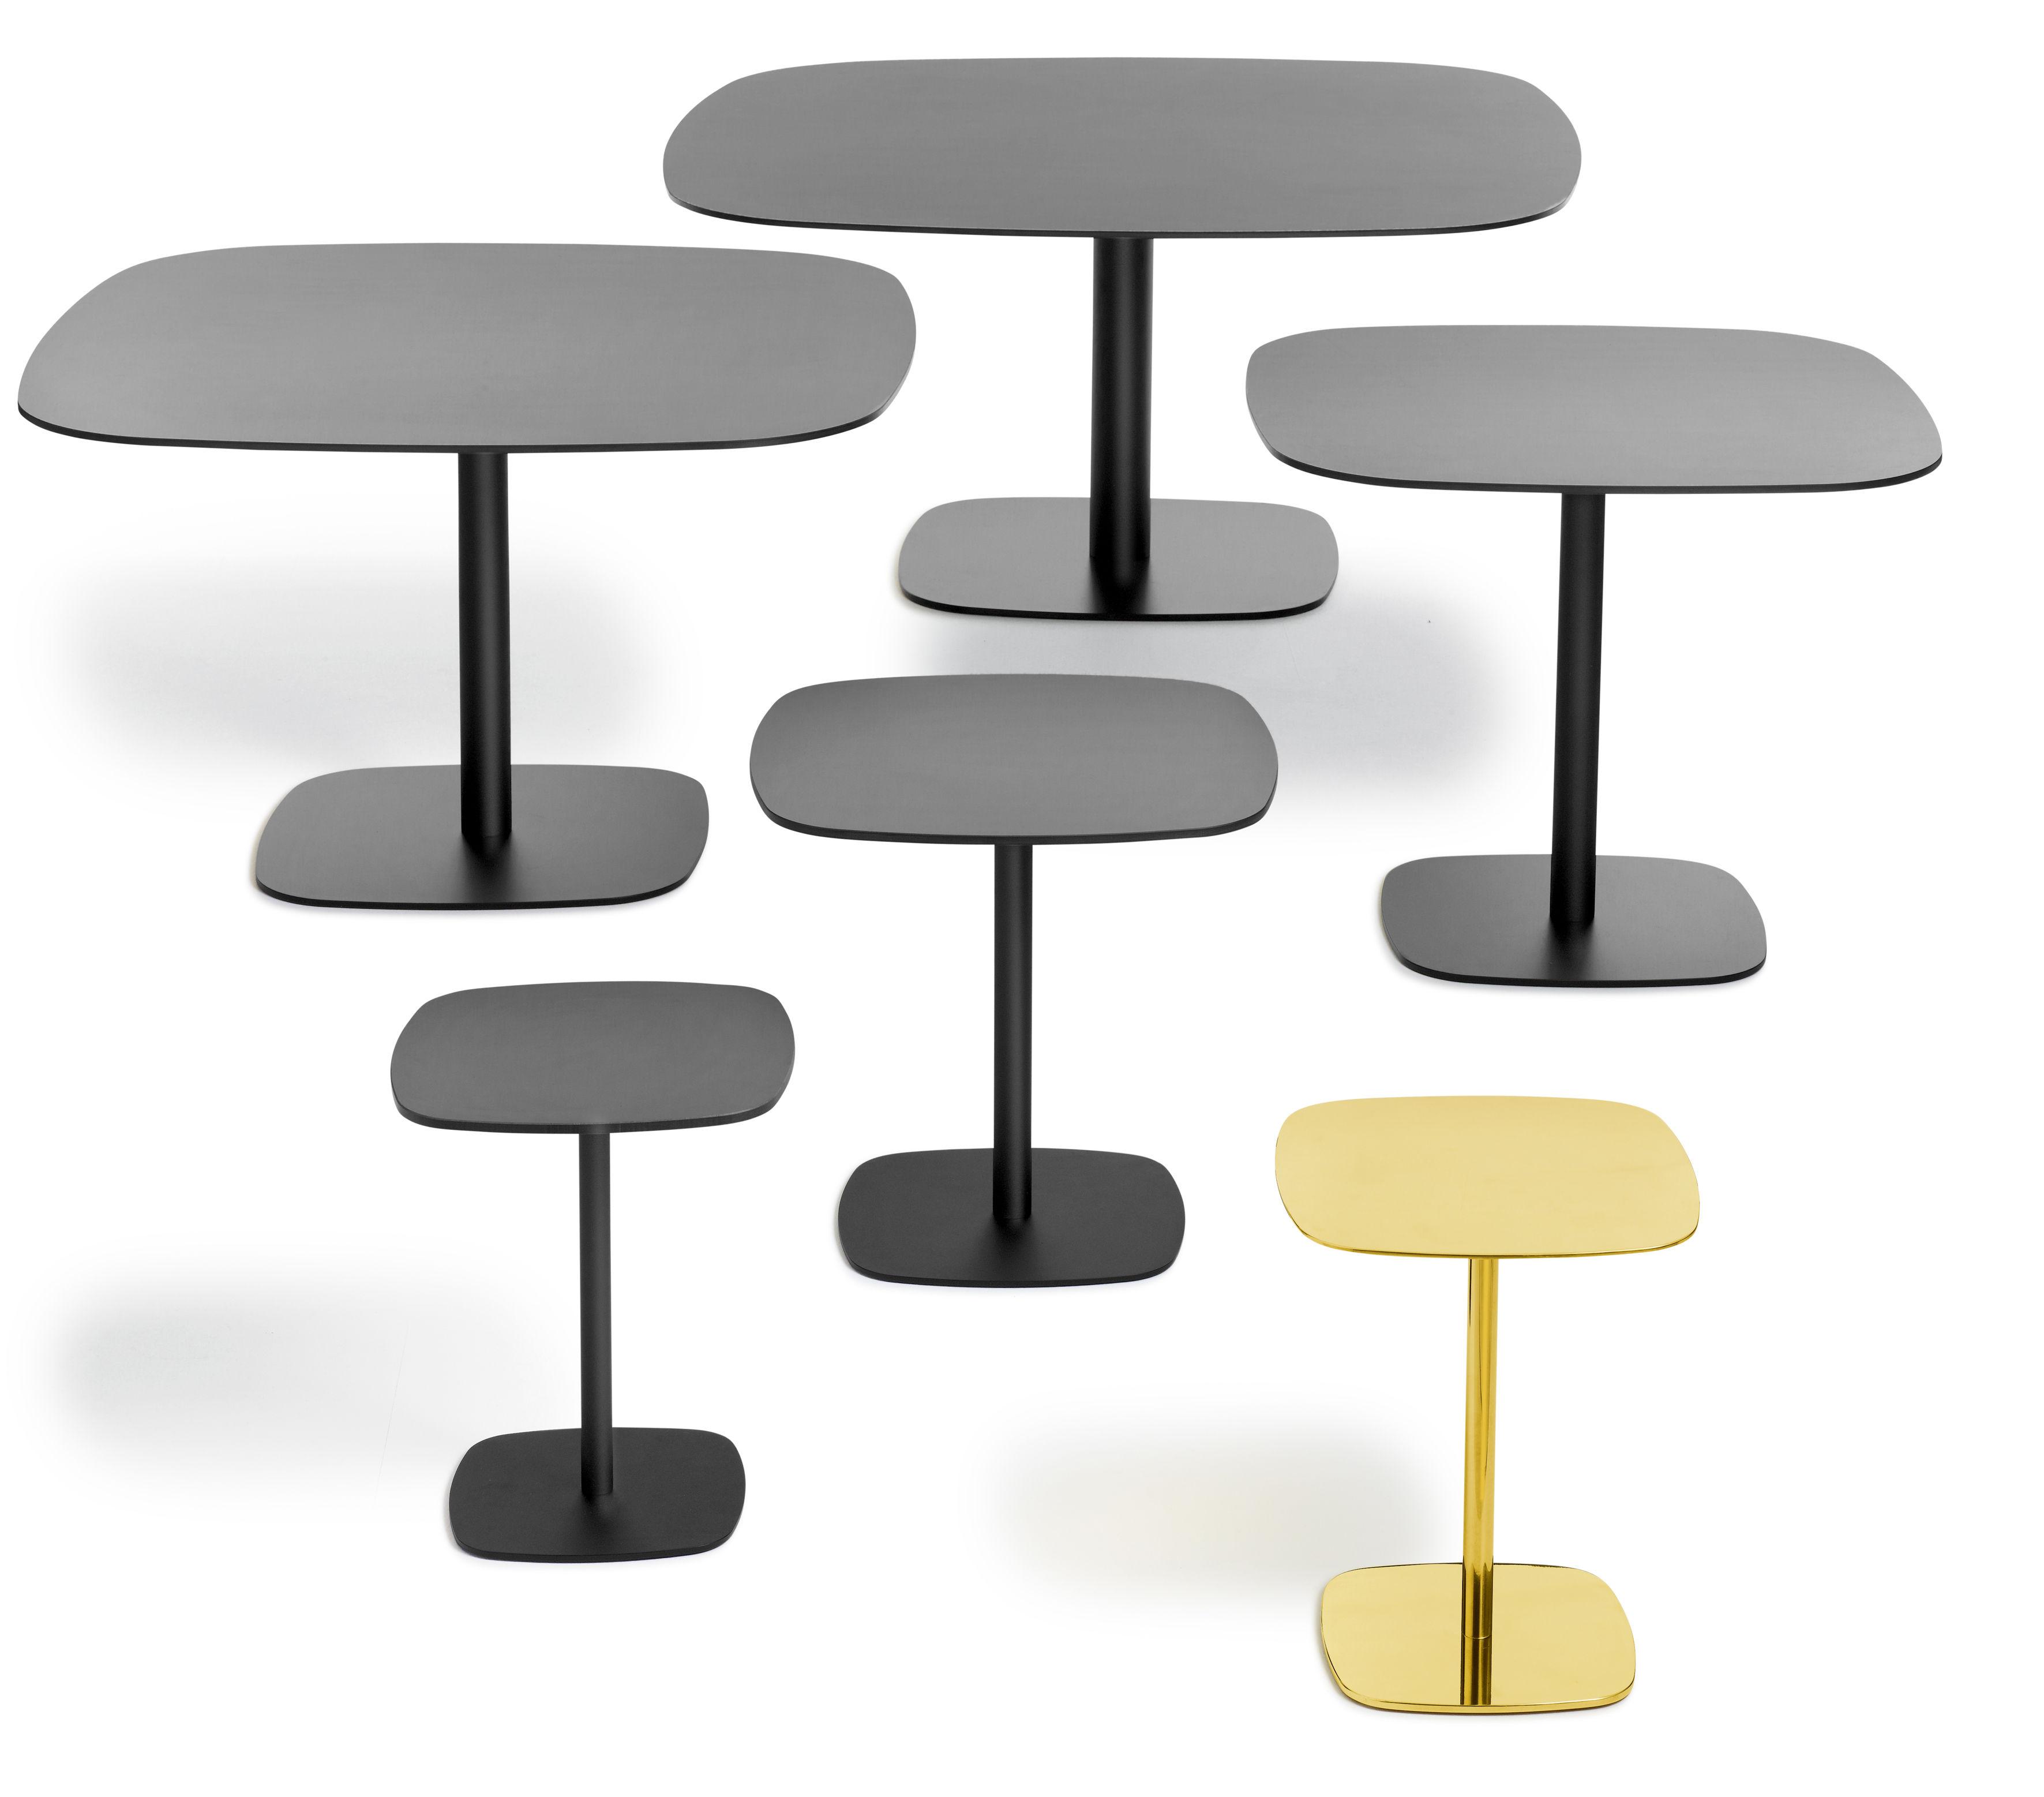 Home > Arredamento > Tavoli Alti > Tavolo Bar Alto Nobis H 110 Cm  #634A08 3543 3114 Ikea Tavoli In Vetro